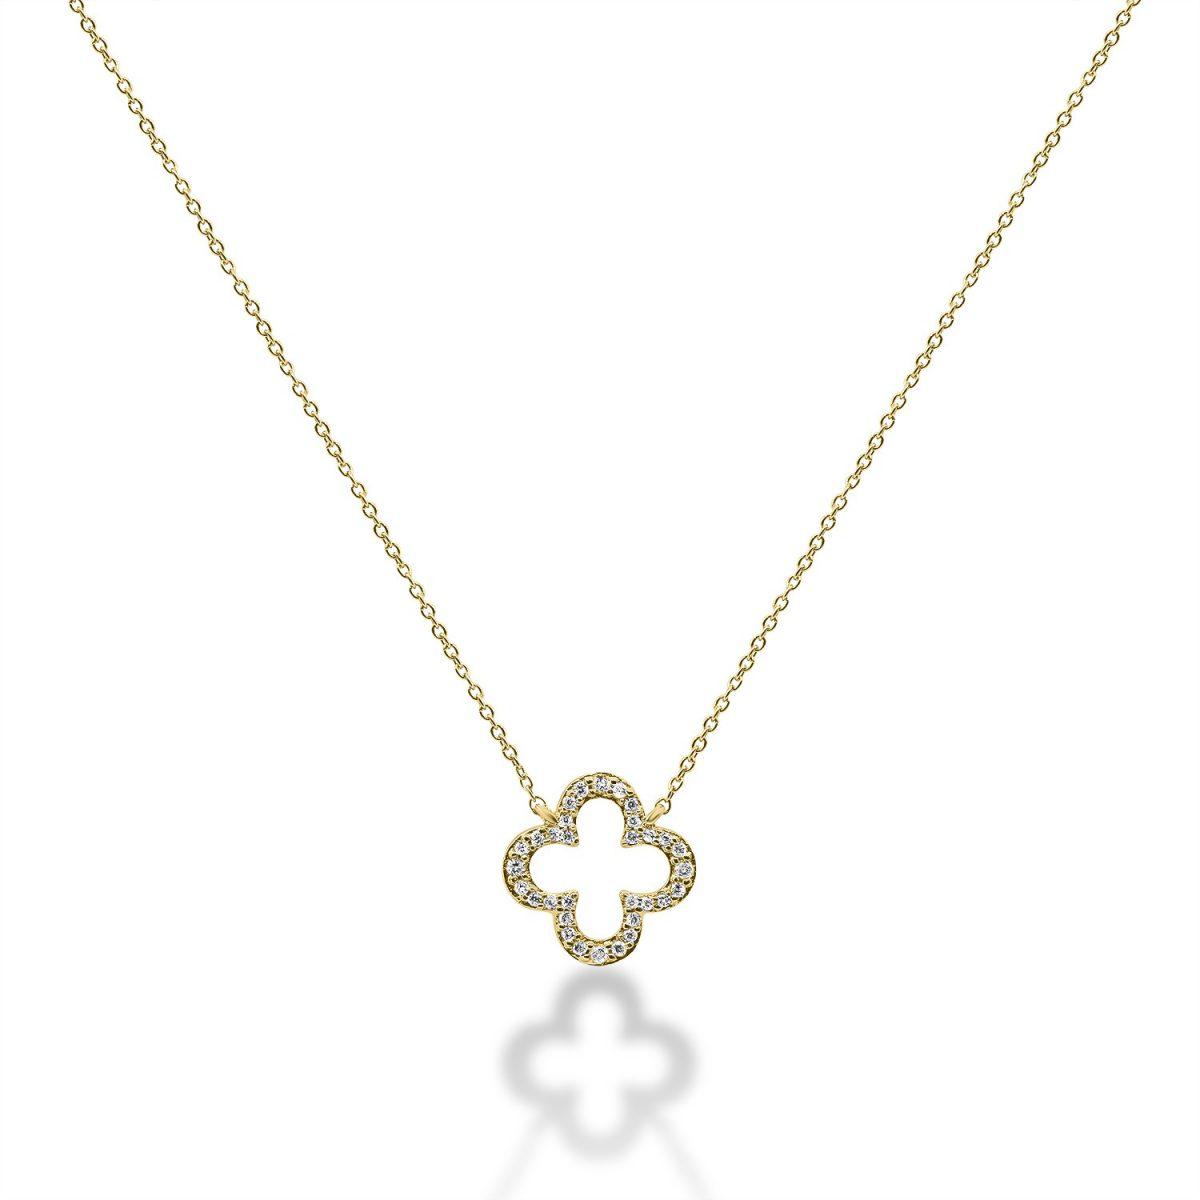 שרשרת יהלומים - לונה - זהב צהוב